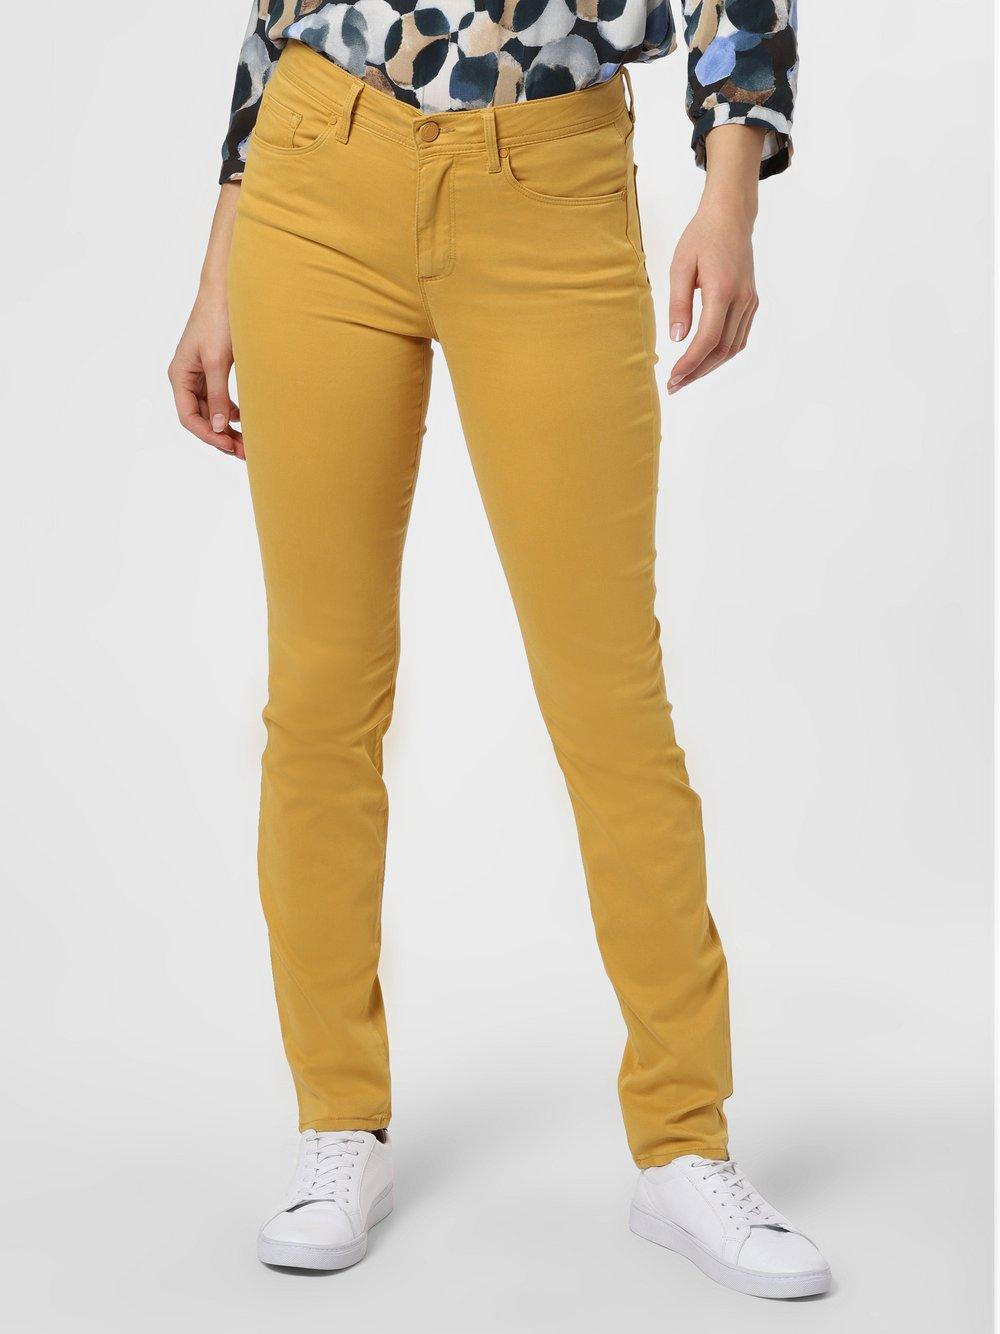 BRAX - Spodnie damskie – Shakira, żółty